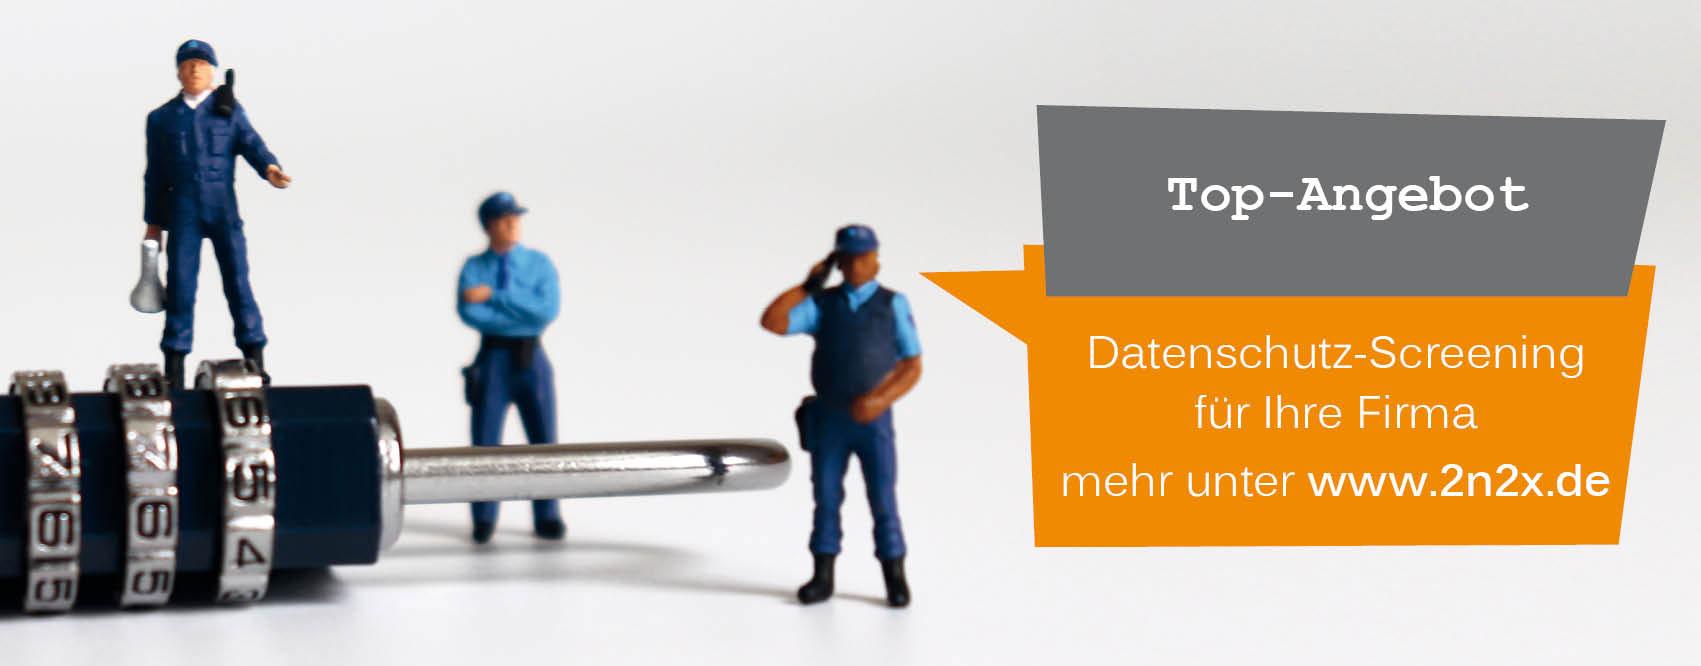 Unser Angebot: Datenschutz-Screening für nur 499 EUR